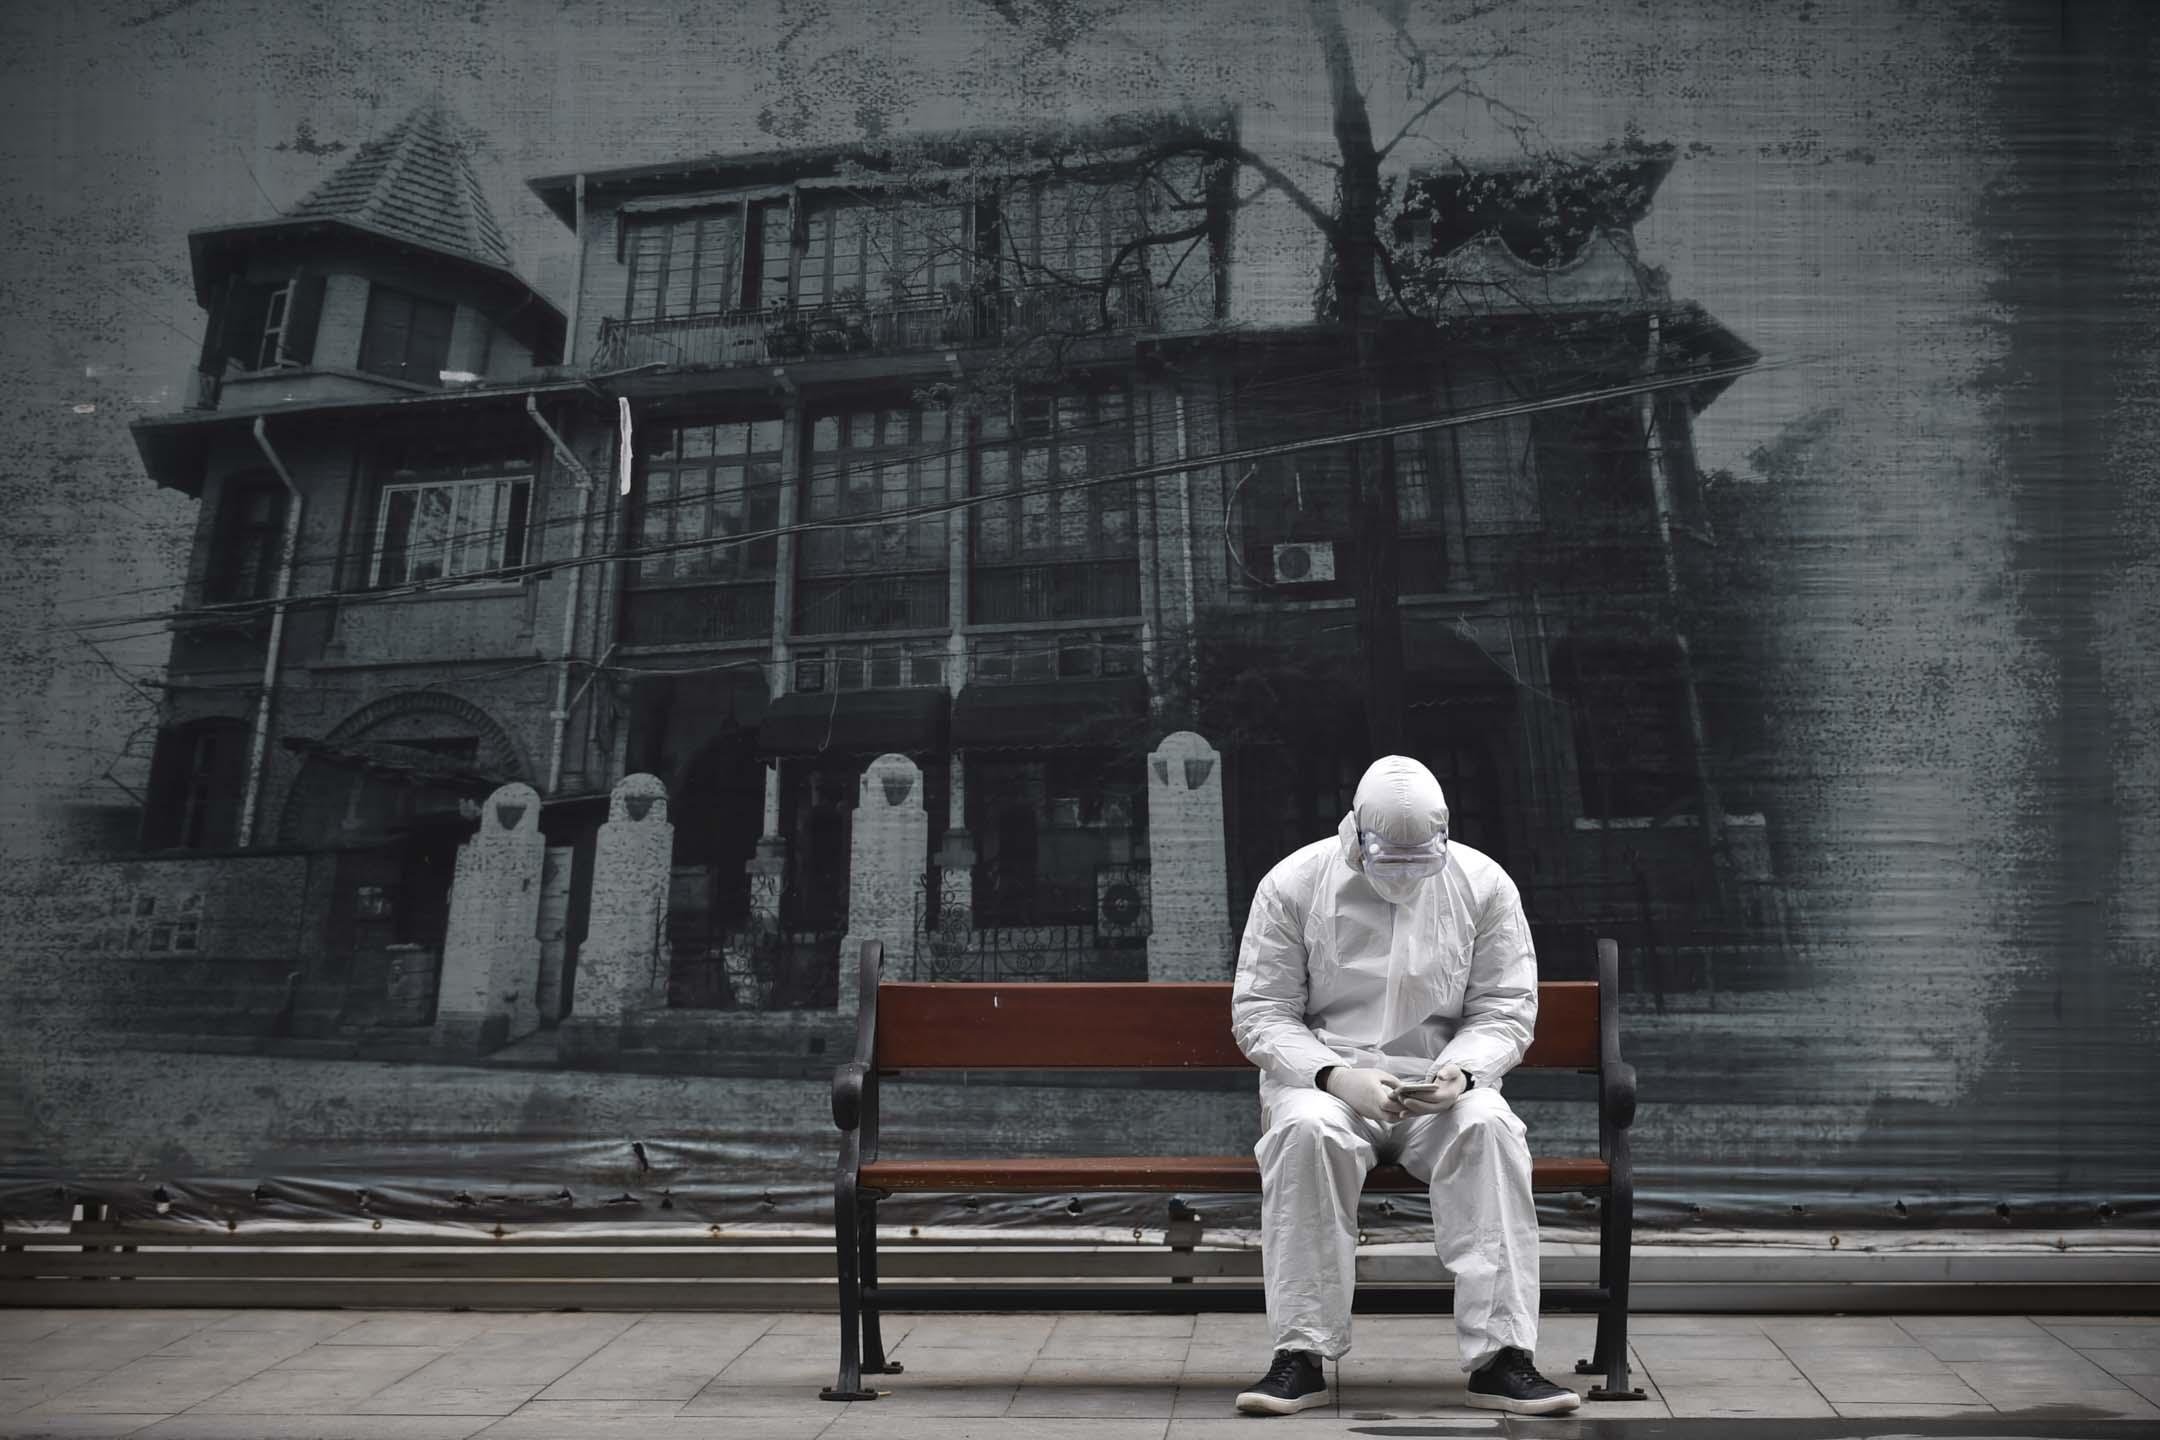 2020年3月4日,武漢一個穿著保護衣的人。 圖:Feature China/Barcroft Media via Getty Images